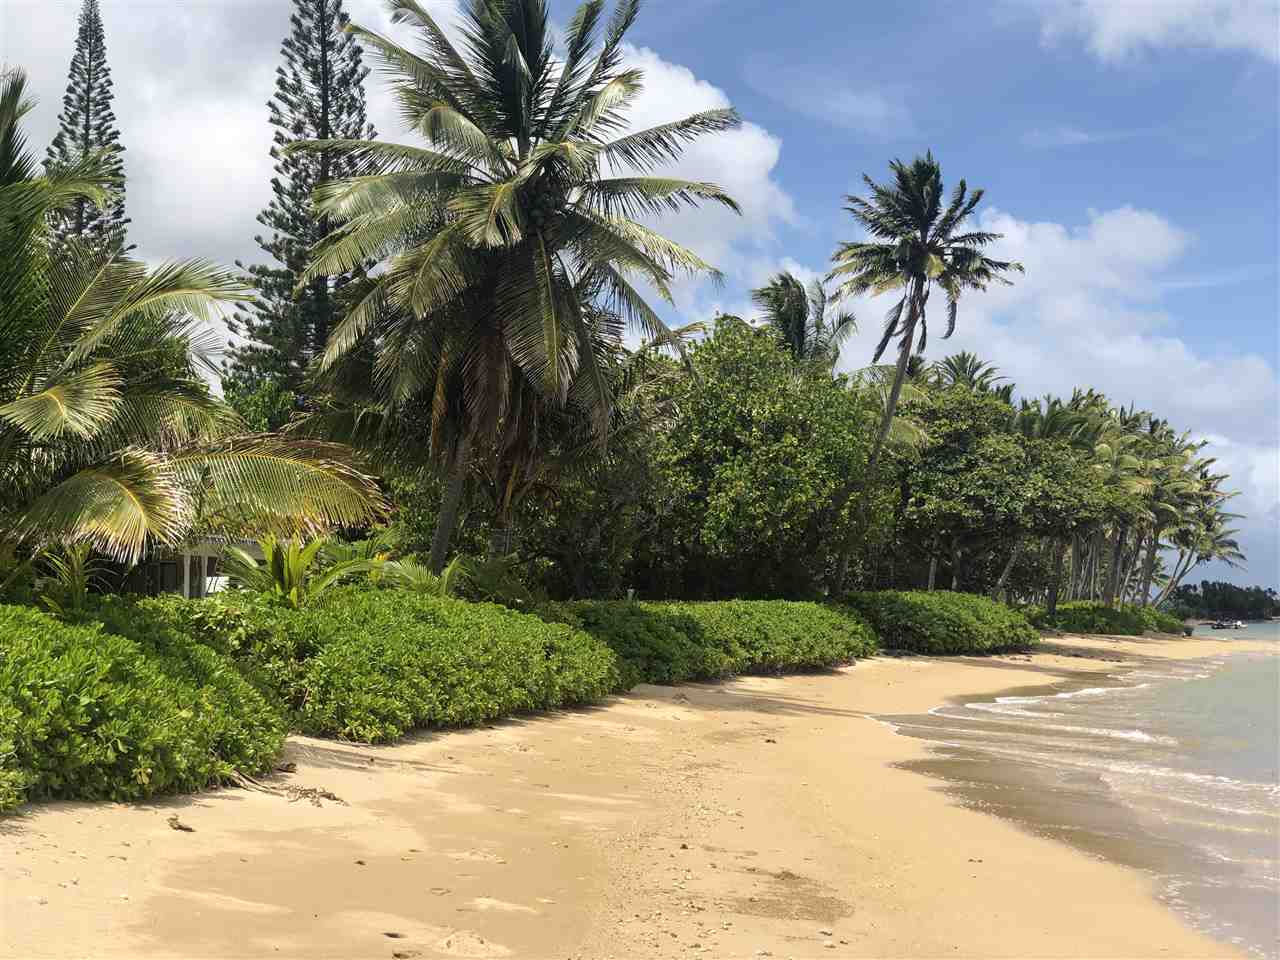 8714  Kamehameha V Hwy Puko'o, Molokai home - photo 20 of 20